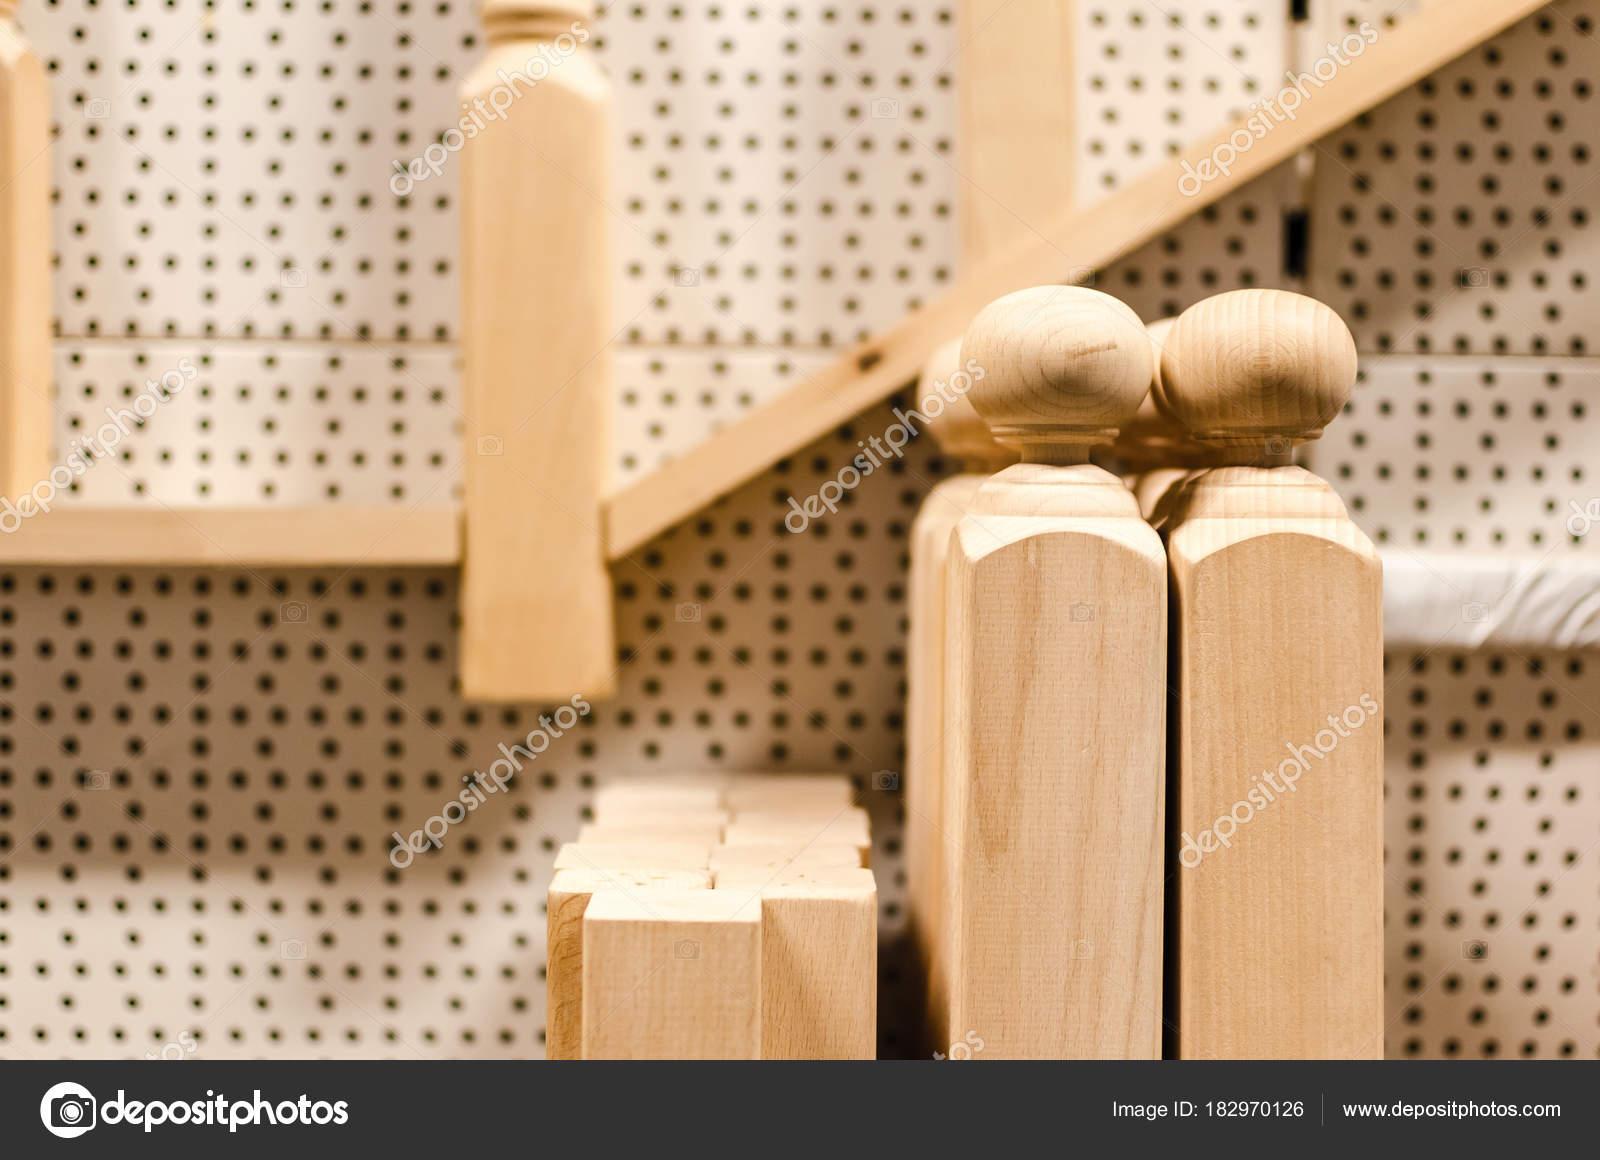 Houten decoratieve palen voor trappen hek winkel shop met